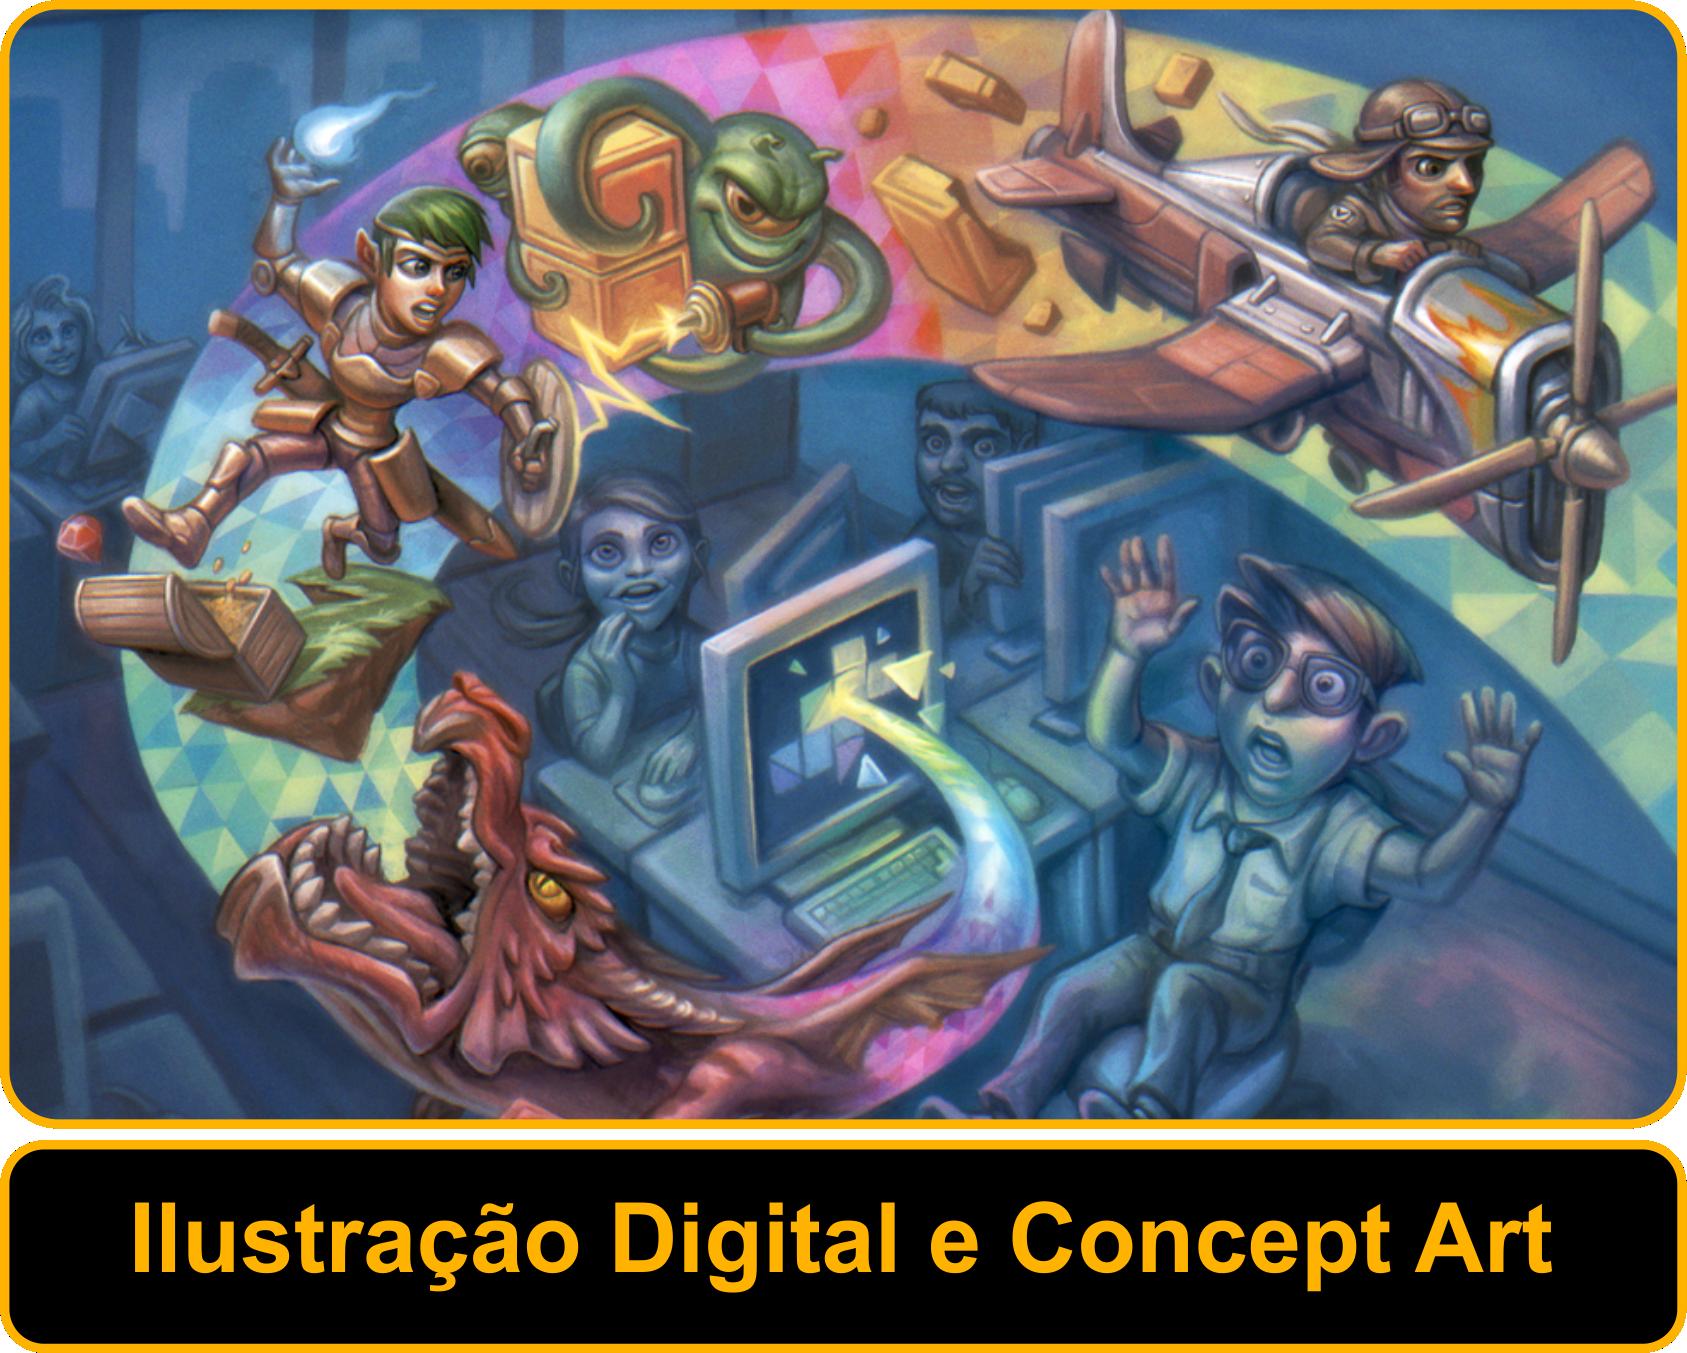 Ilustração Digital e Concept Art